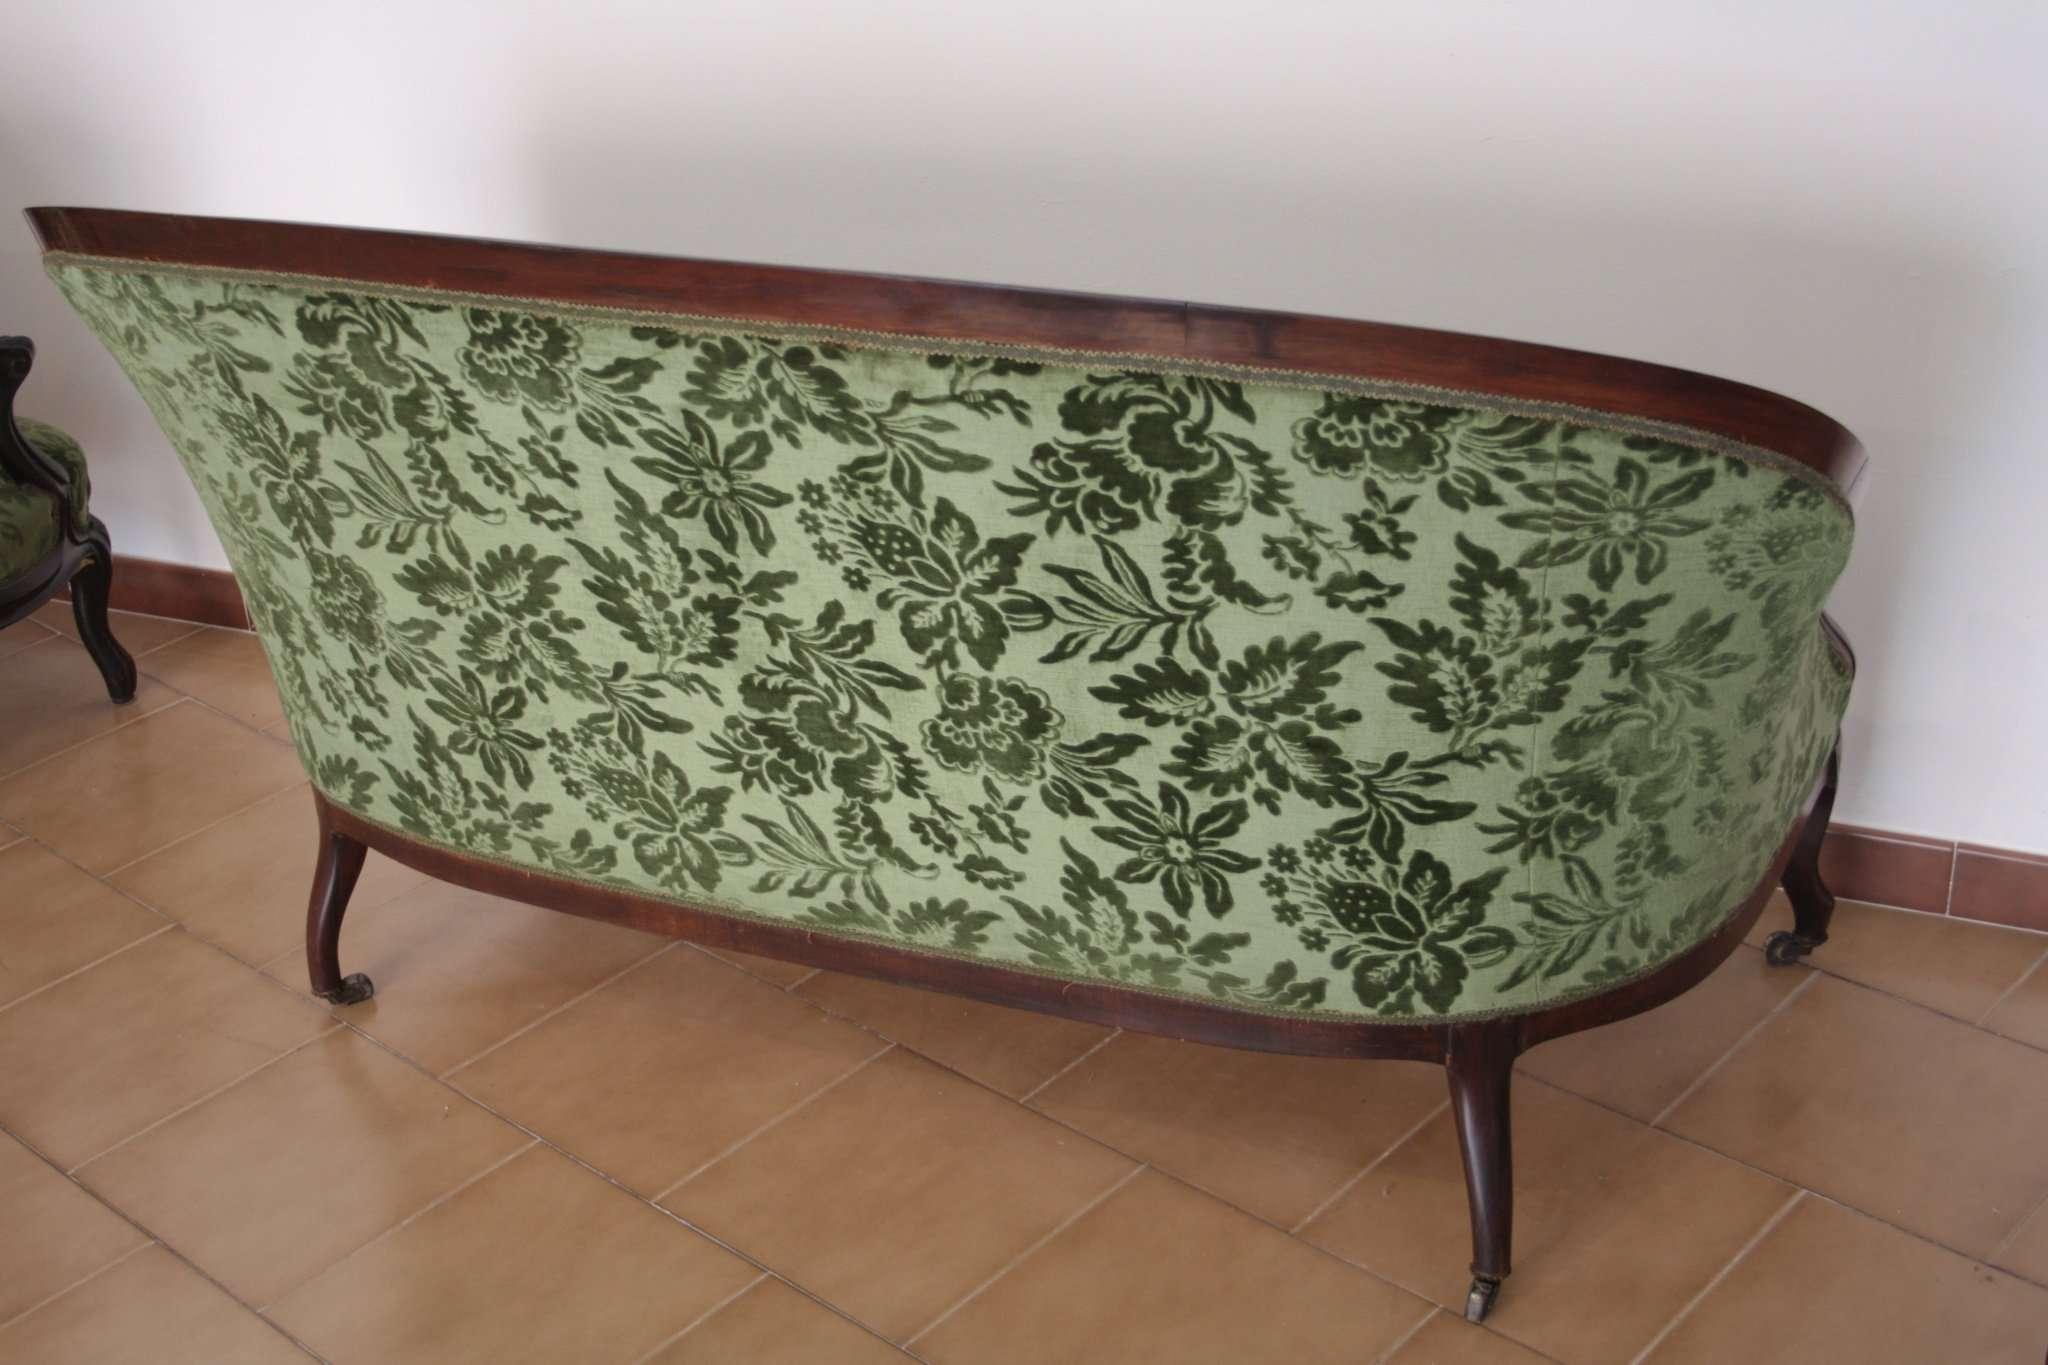 Divano E Poltrone Luigi Filippo salottino luigi filippo francese divano e due poltrone, 1830 1850, francia  - restauriraia conservazione e restauro di manufatti in legno